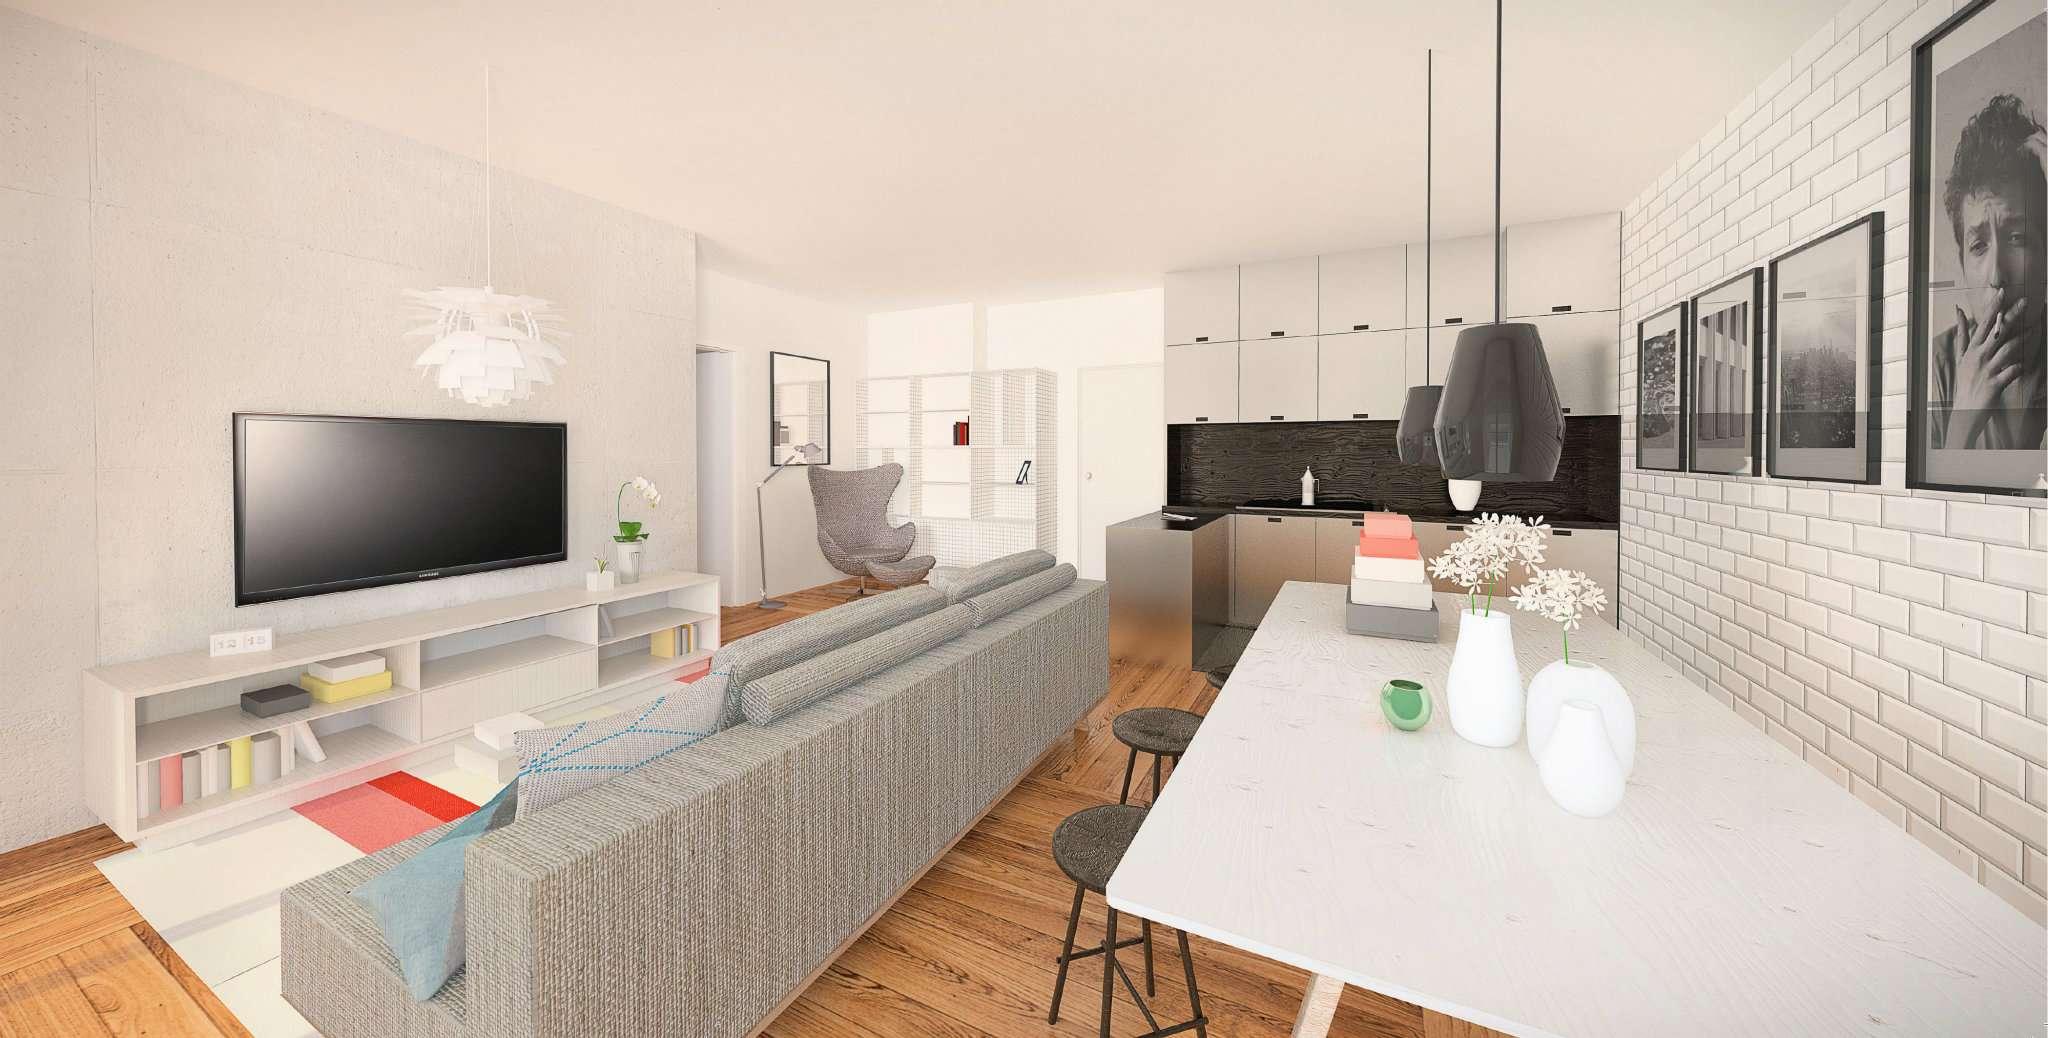 Appartamento in vendita a Cesena, 5 locali, prezzo € 350.000 | CambioCasa.it